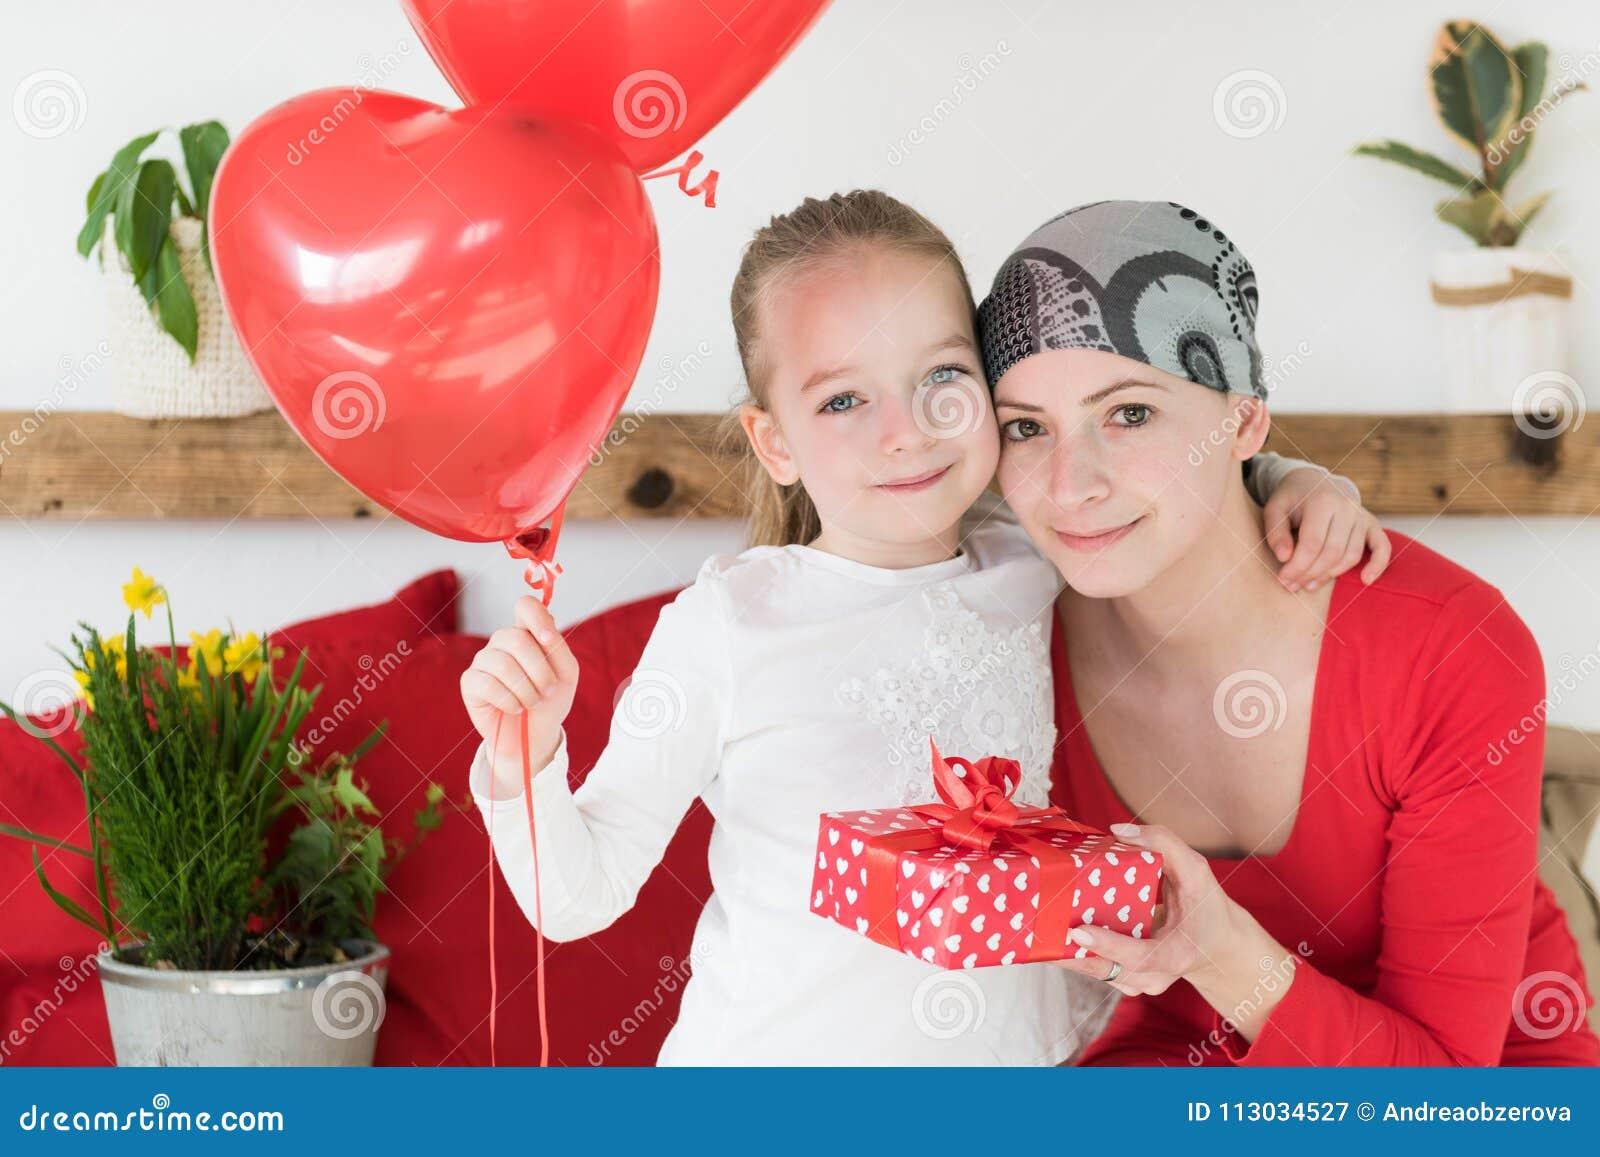 Madre joven, enfermo de cáncer, y su hija linda, celebrando el hogar de vuelta del hospital Fiesta agradable del hogar o de cumpl